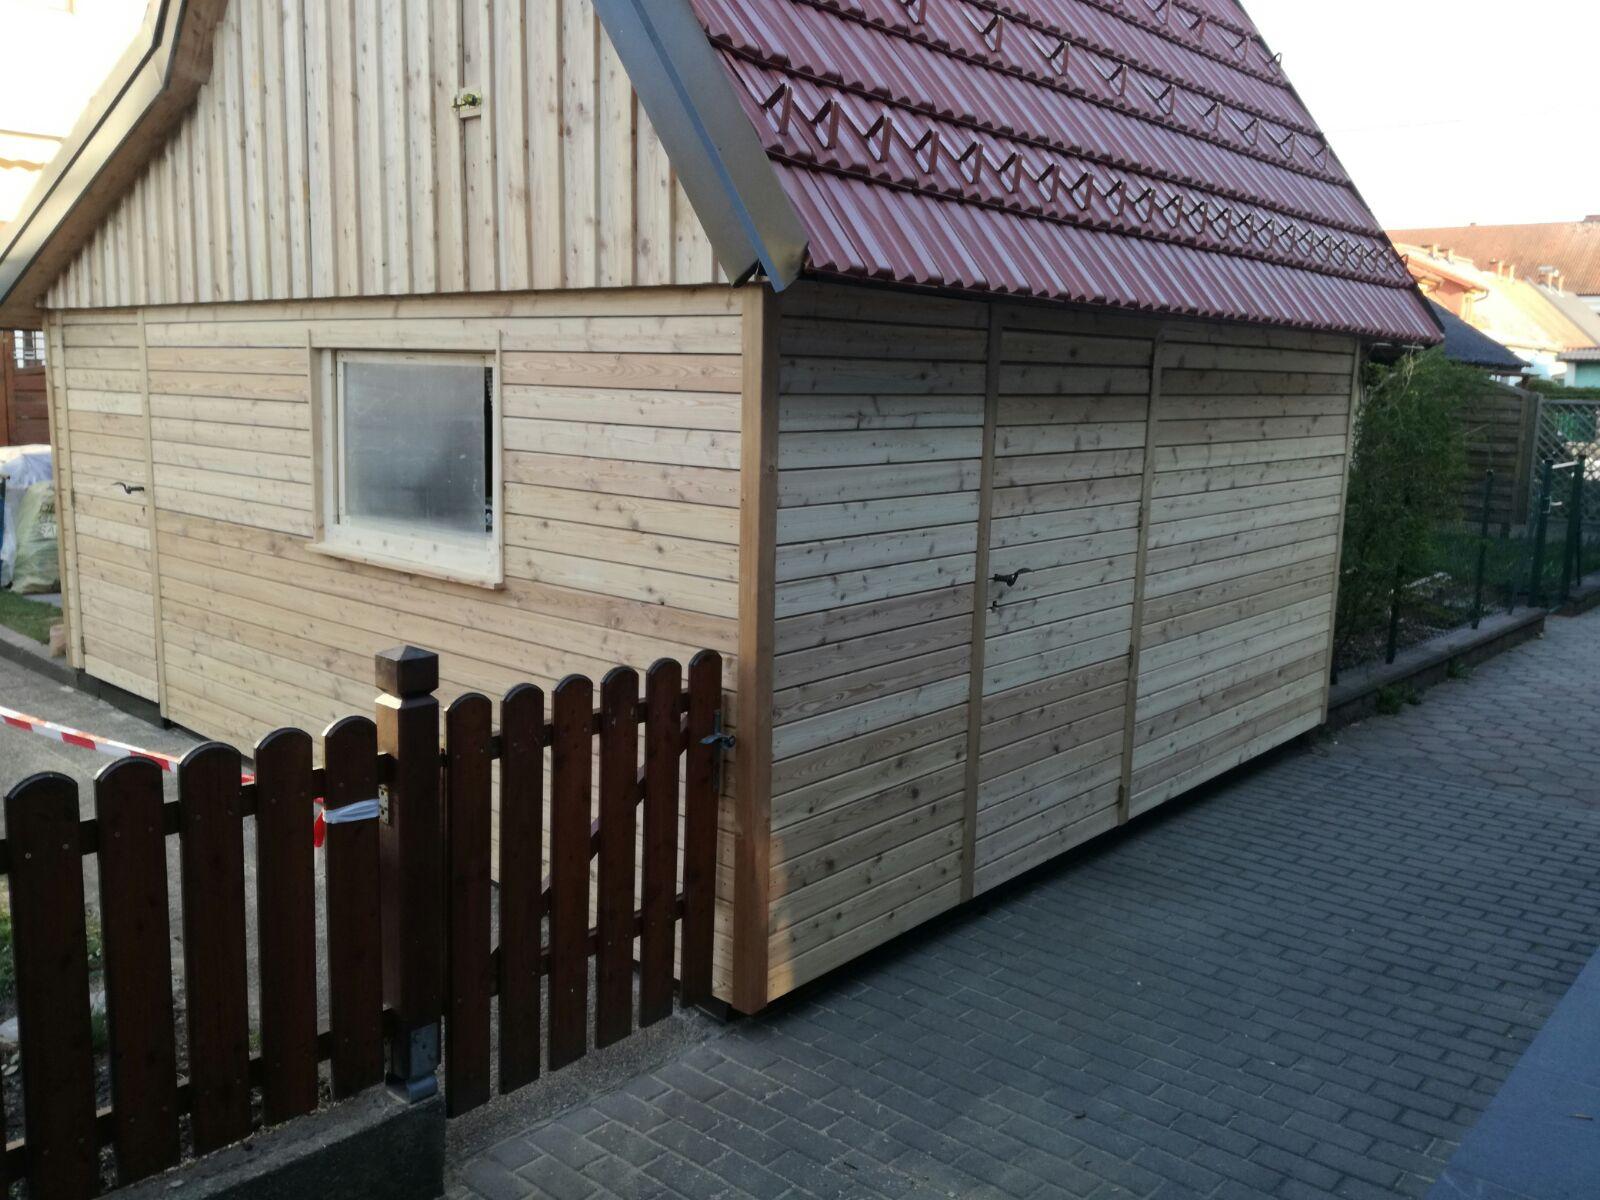 Gartenhaus mit Rhombus (unten) und Deckleistenschalung (oben) in Läˆrche